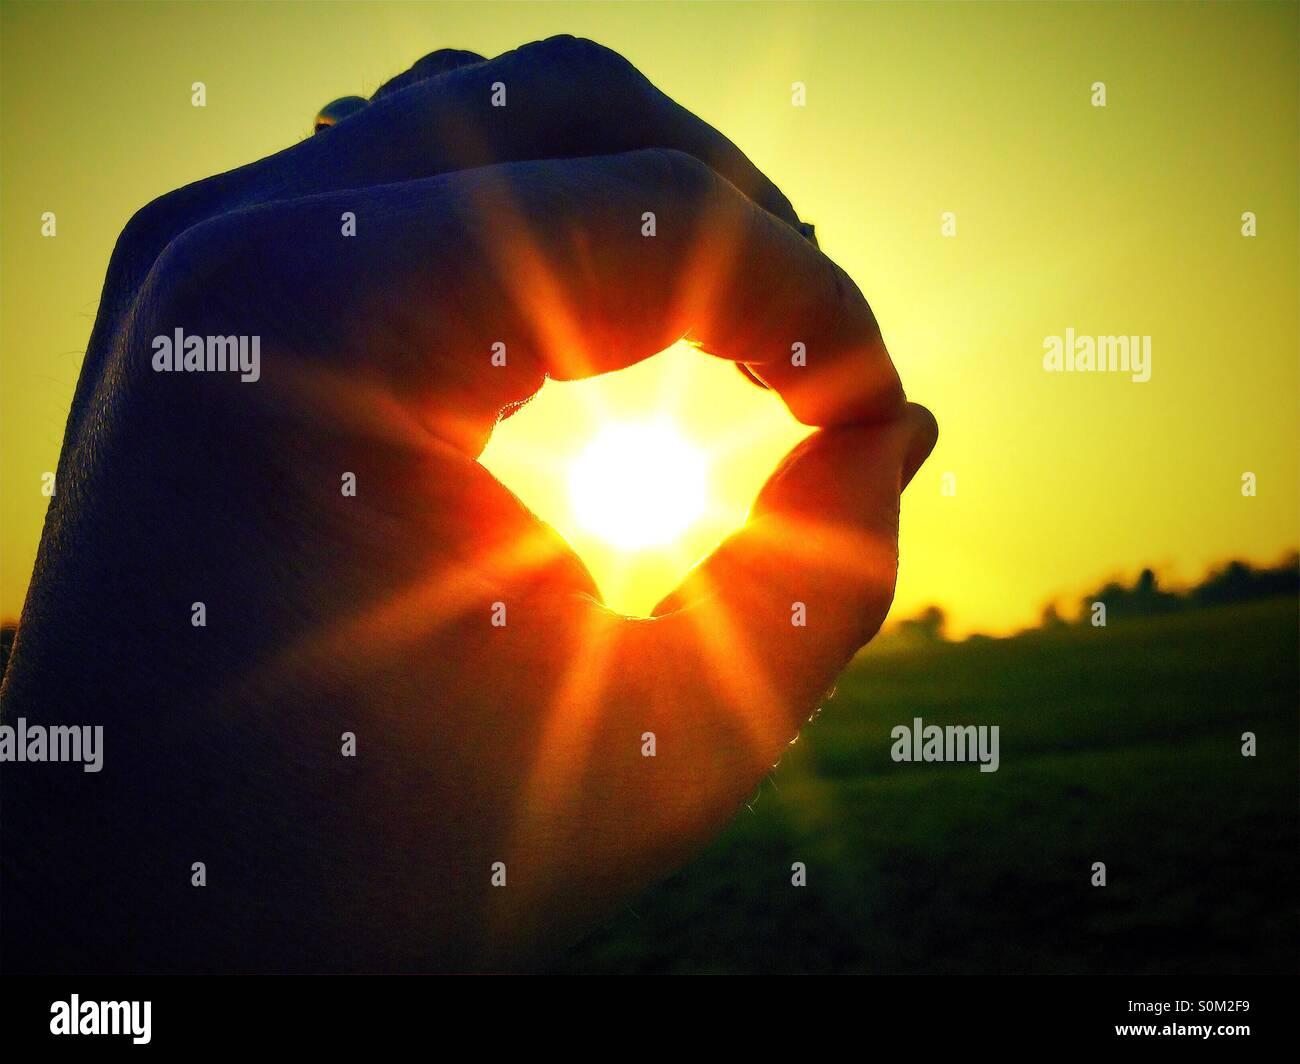 Soleil dans la main Photo Stock